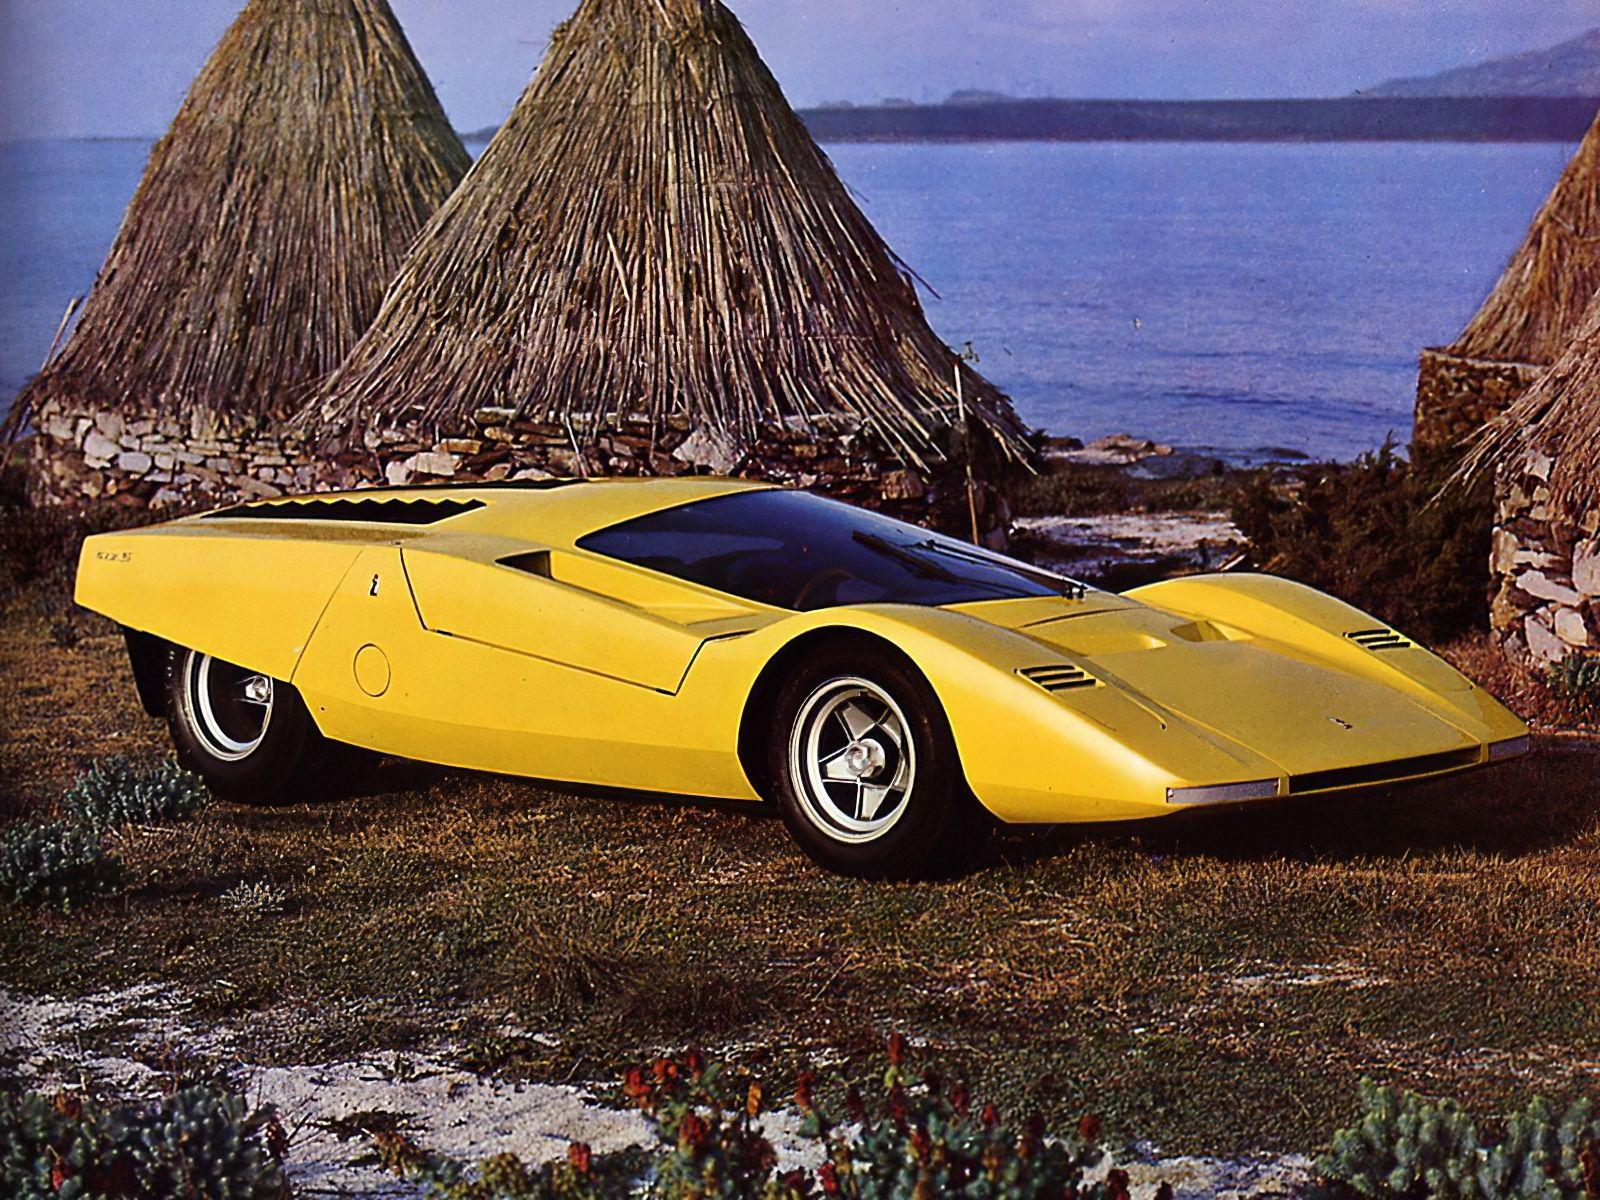 1969 Ferrari 512 S Berlinetta Speciale Concept Pininfarina Ferrari Konzeptfahrzeuge Sportwagen